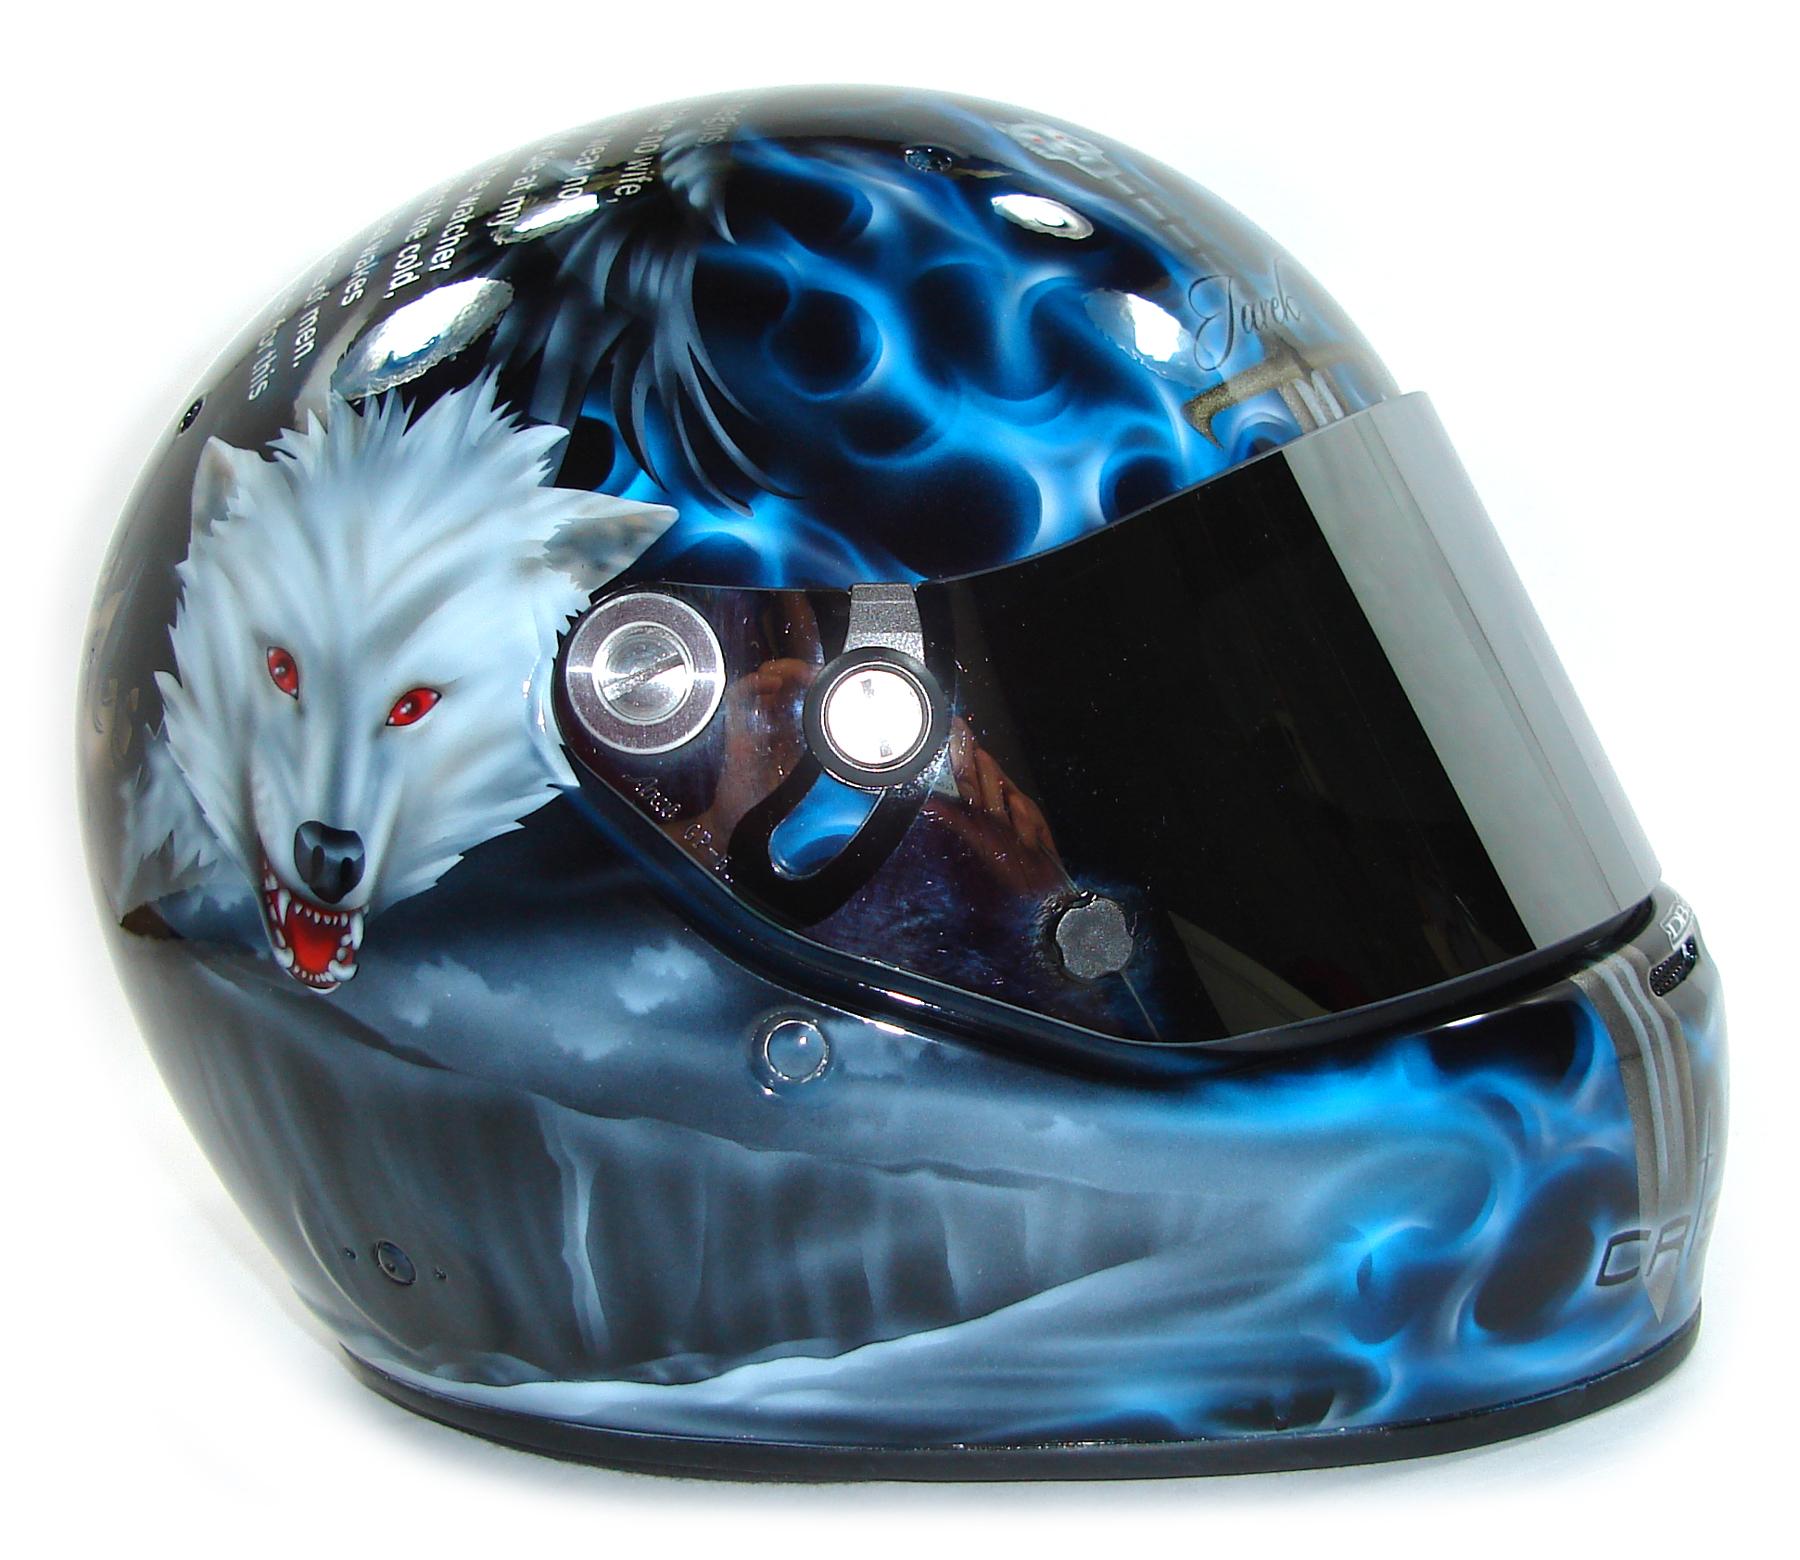 Custom Painted Helmet Gallery Game Of Thrones